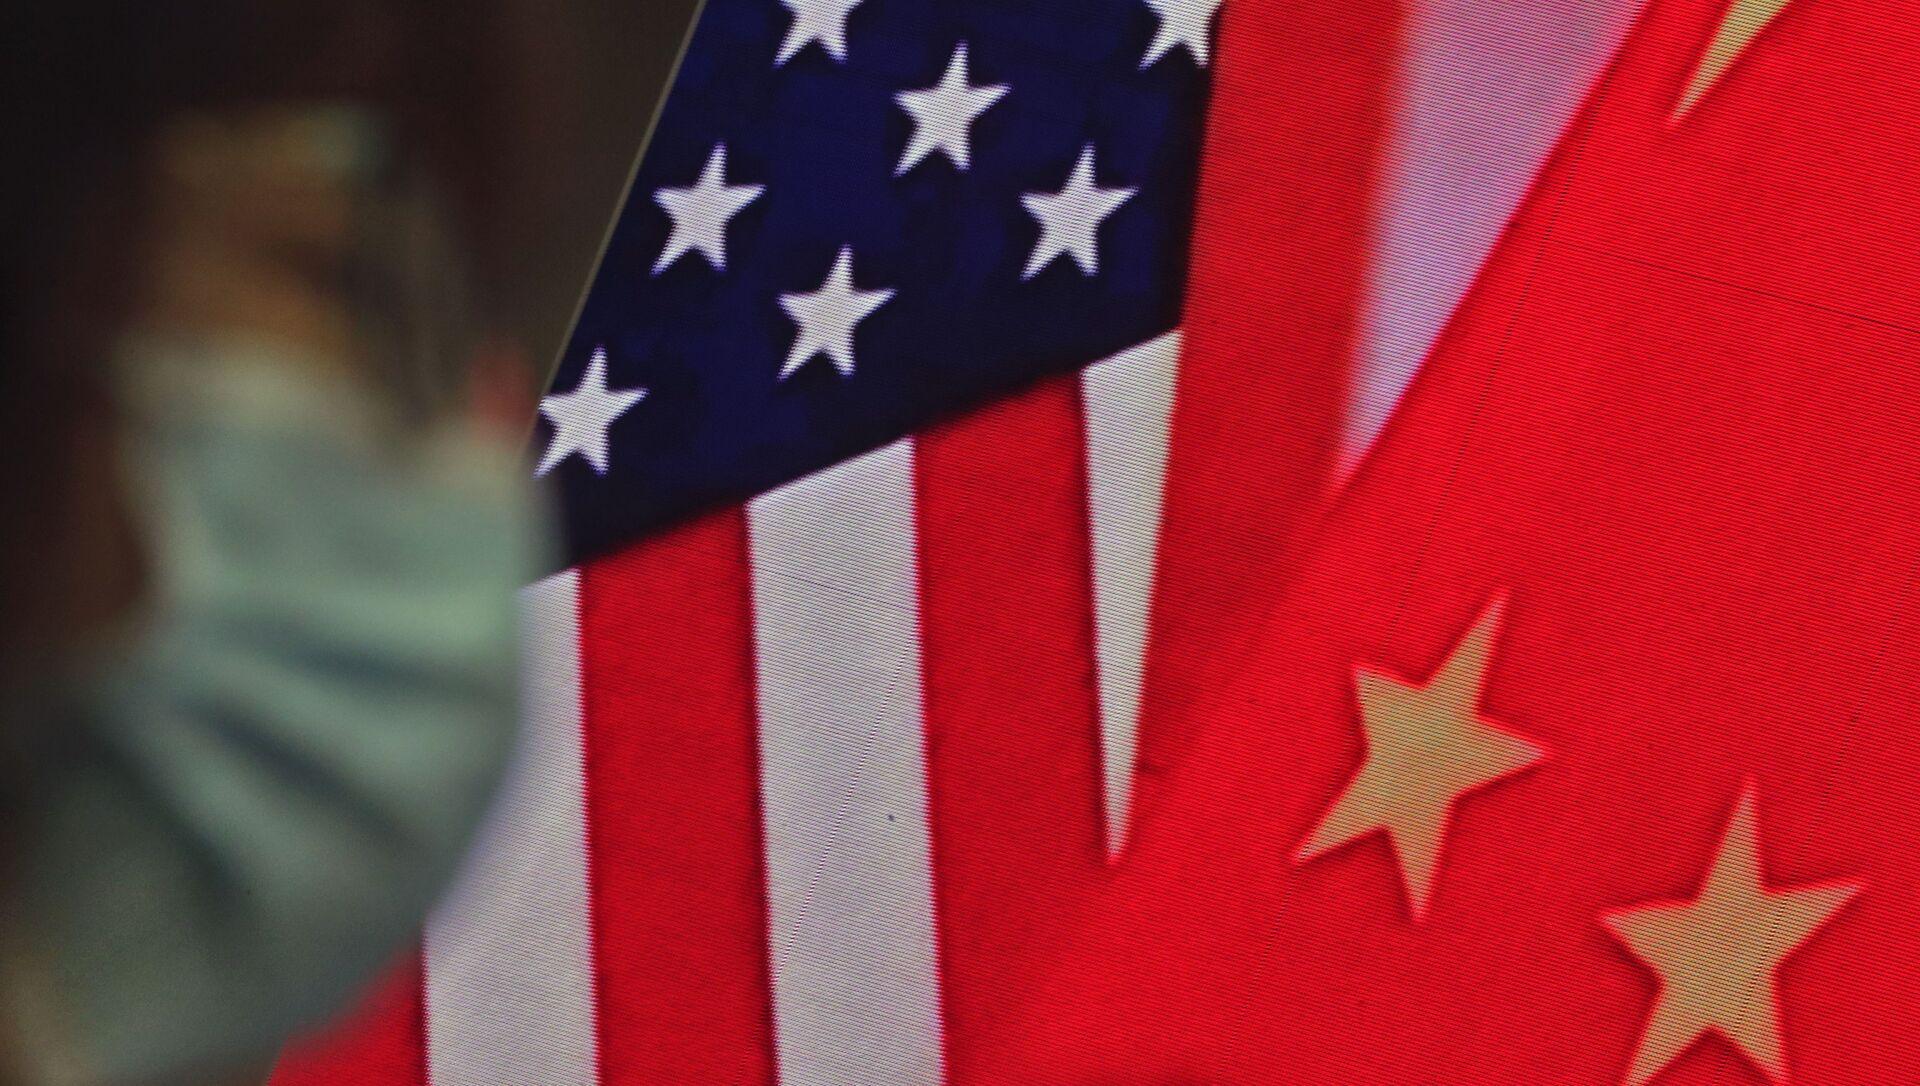 Drapeaux de la Chine et des USA - Sputnik France, 1920, 25.08.2021